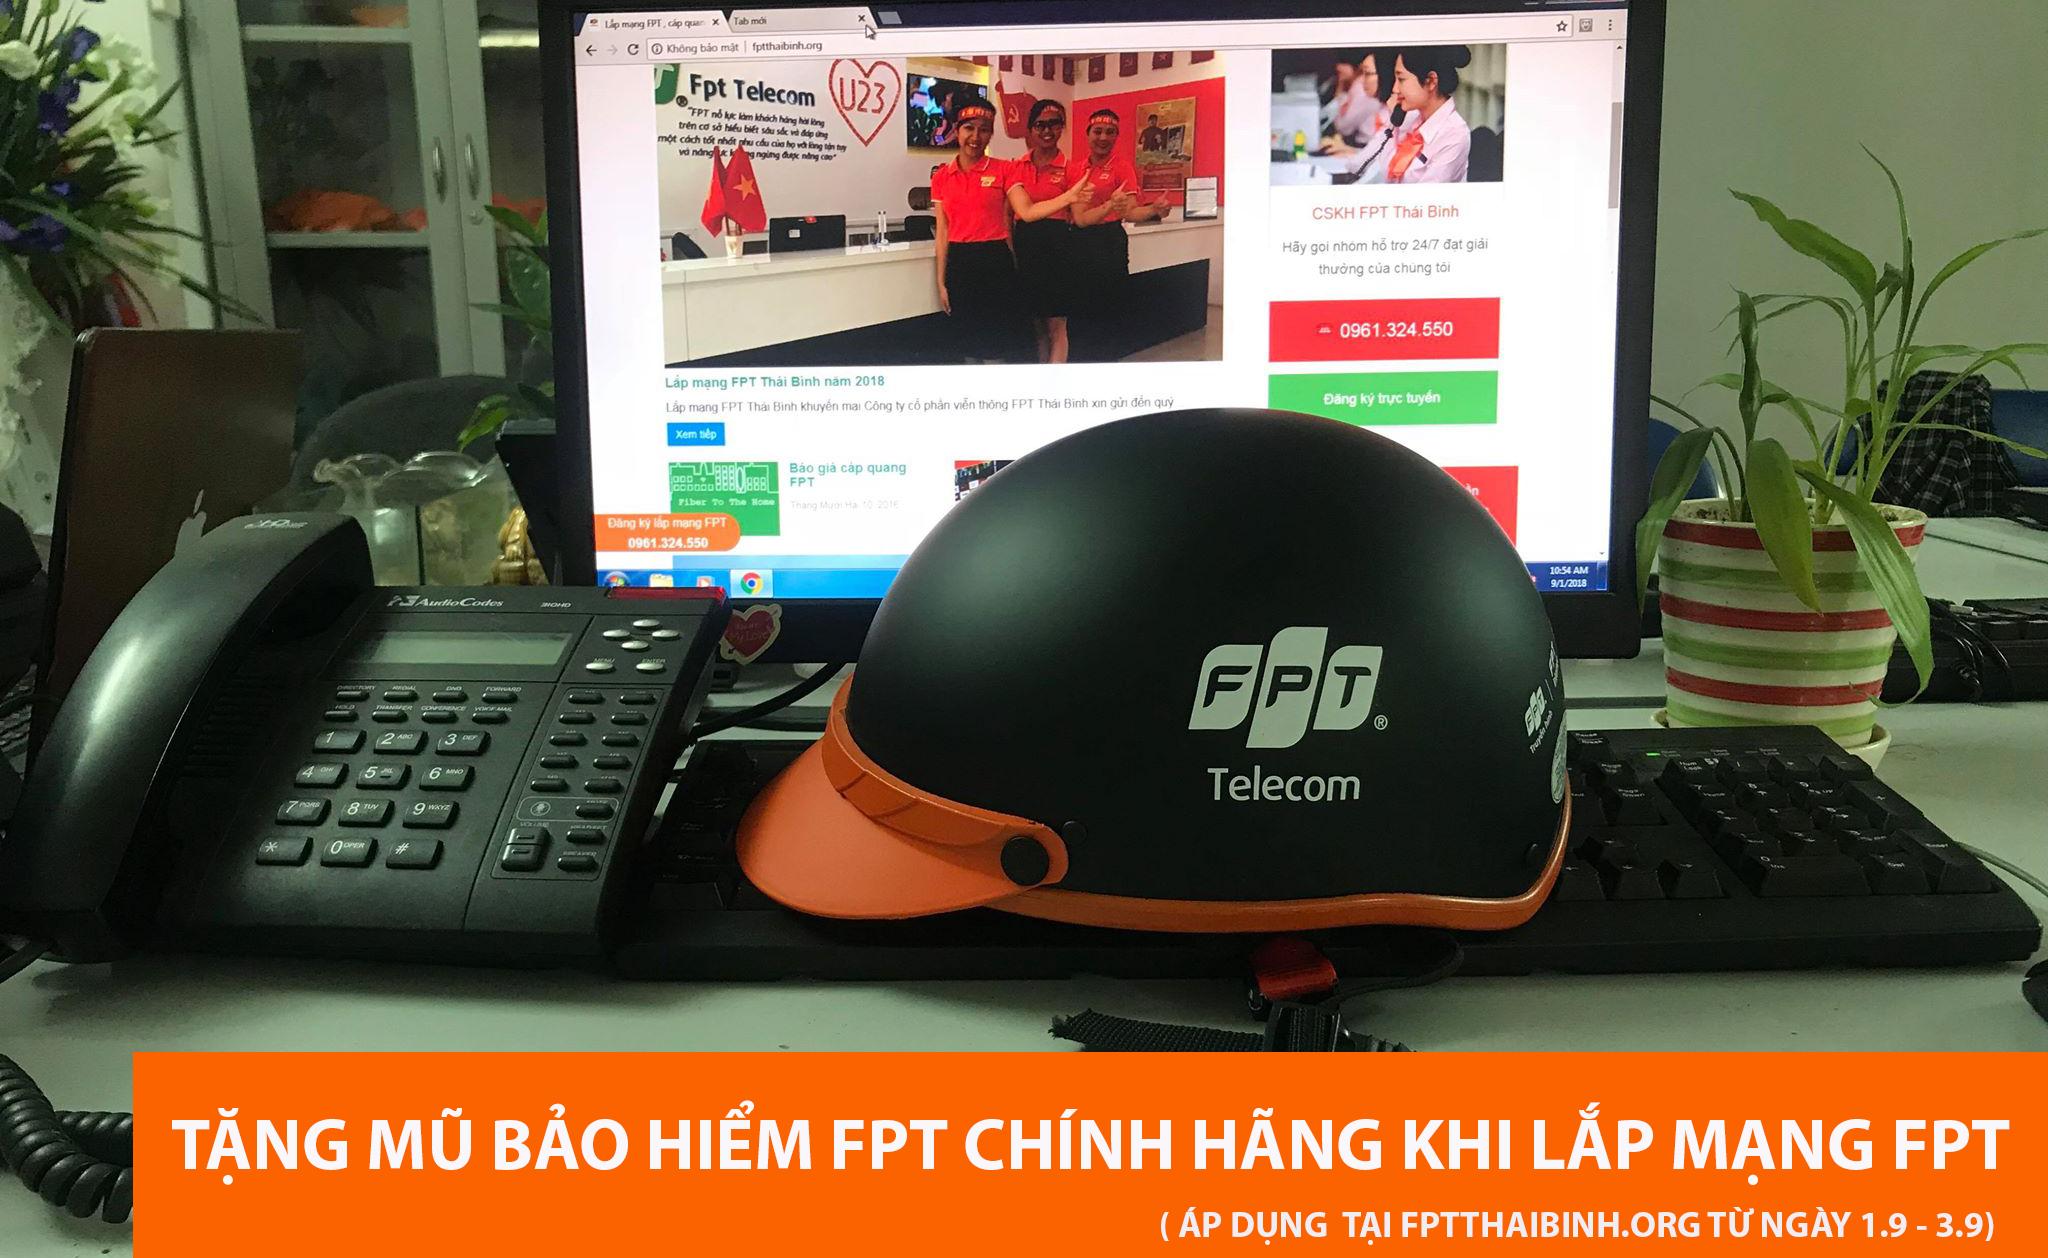 Tặng mũ bảo hiểm khi lắp đặt mạng FPT